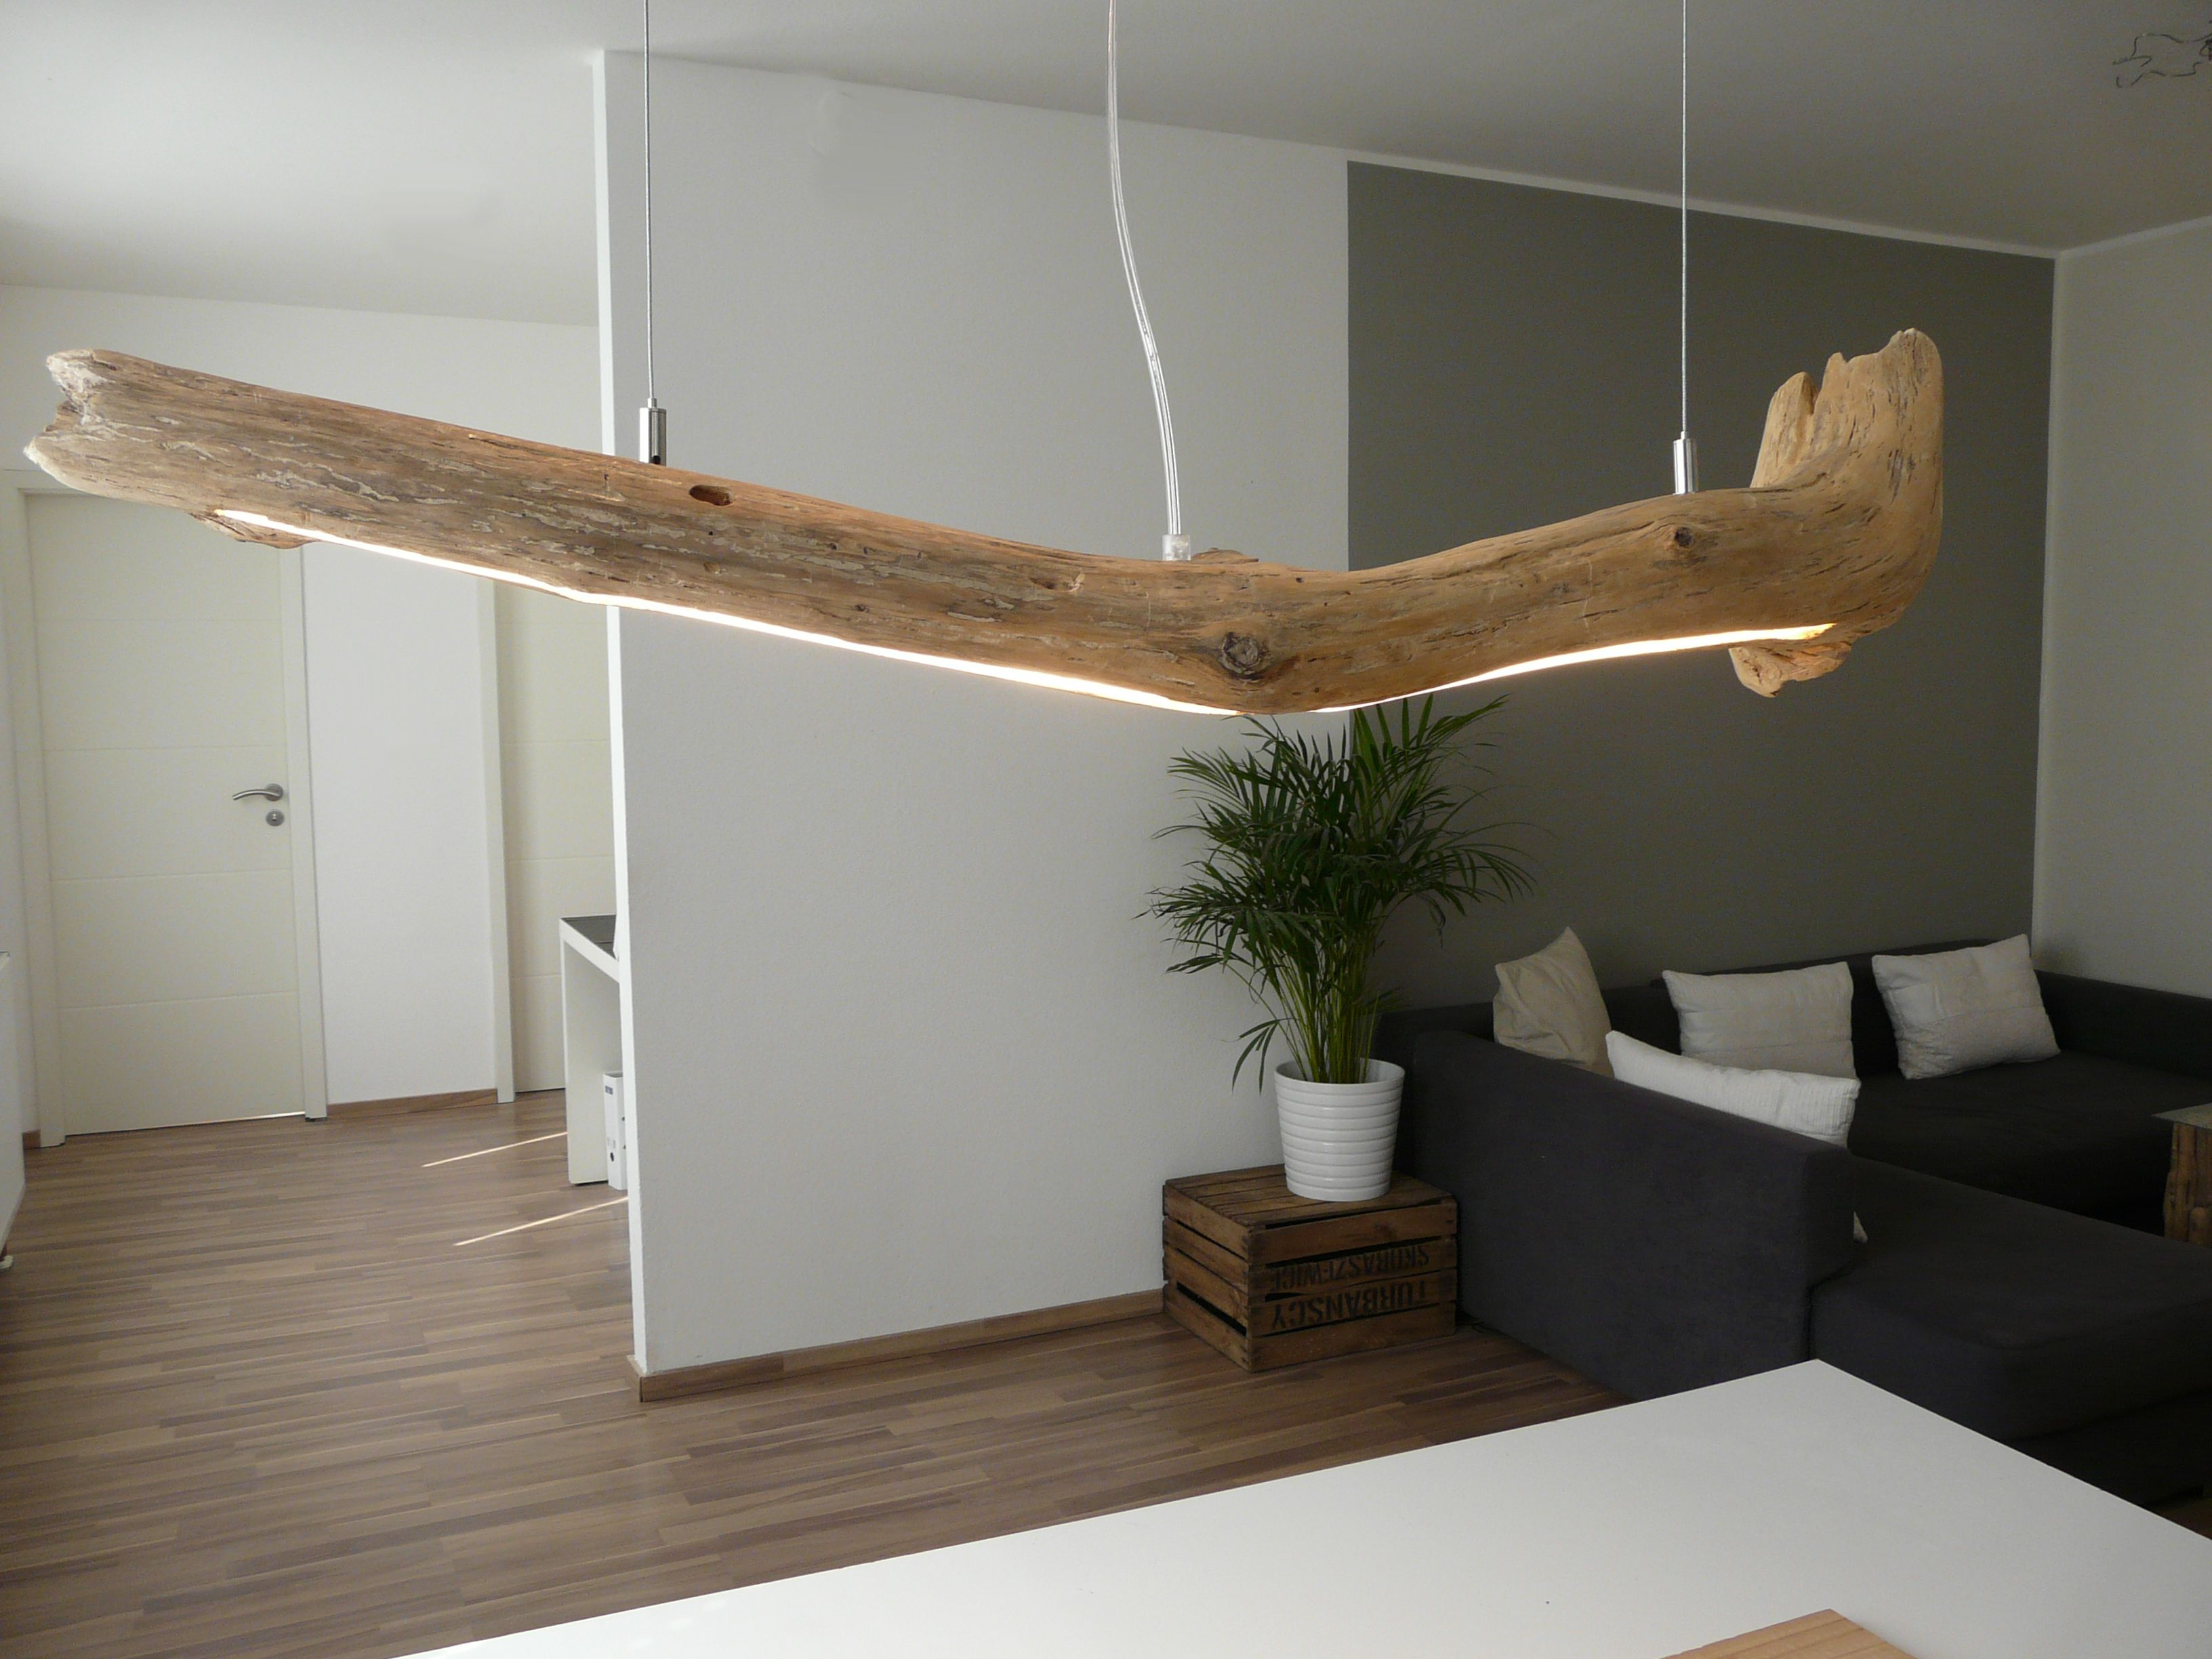 Treibholz Lampen mit modernster Led Technik   Leuchten aus Holz ...